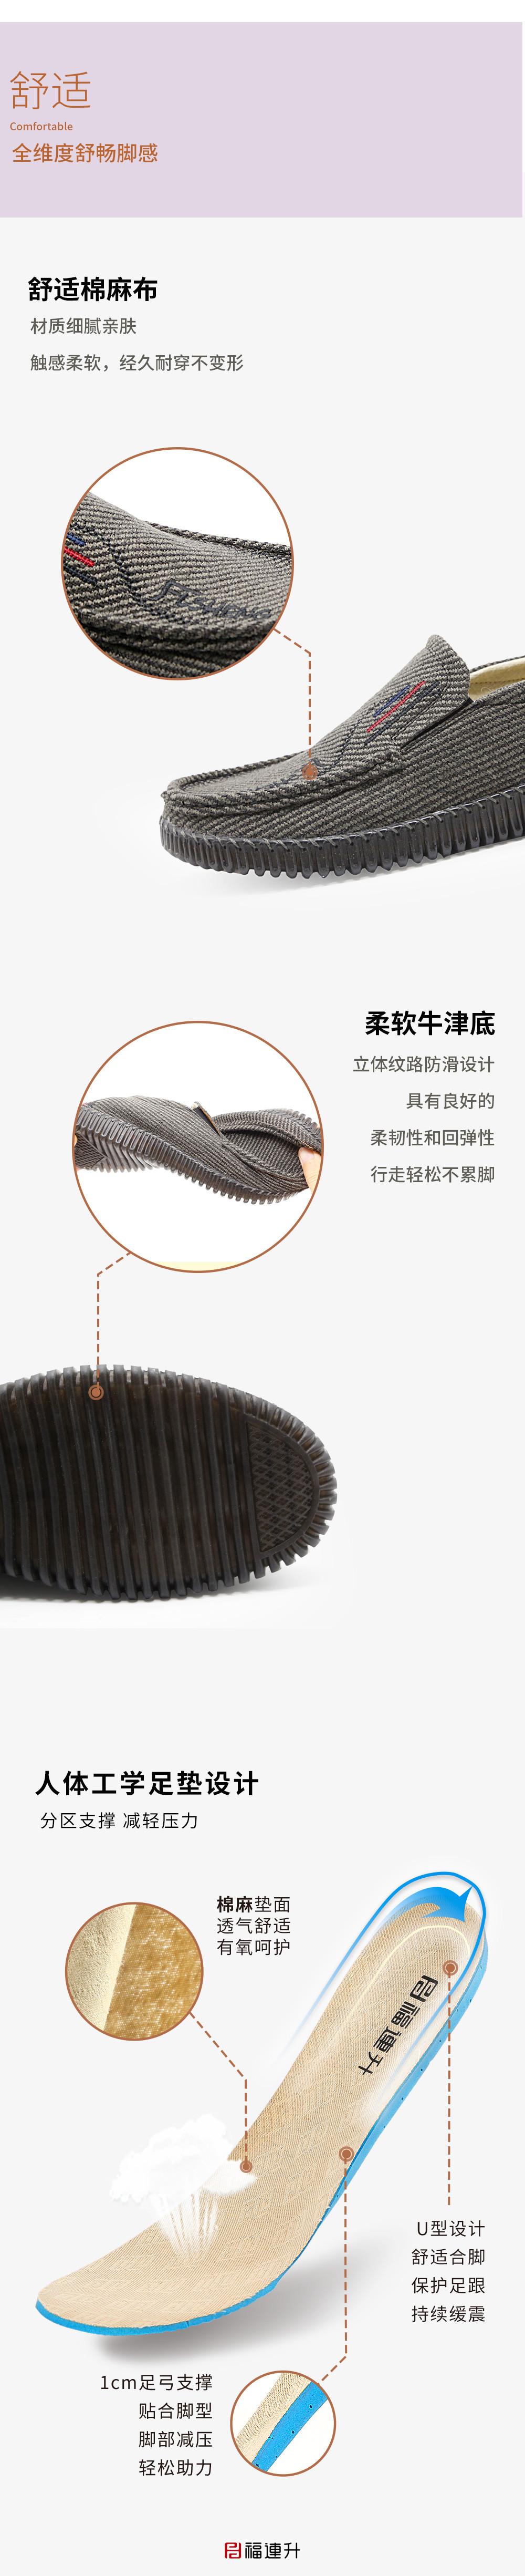 老北京布鞋男士单鞋牛筋底软底棉麻透气休闲鞋中年爸爸鞋图片